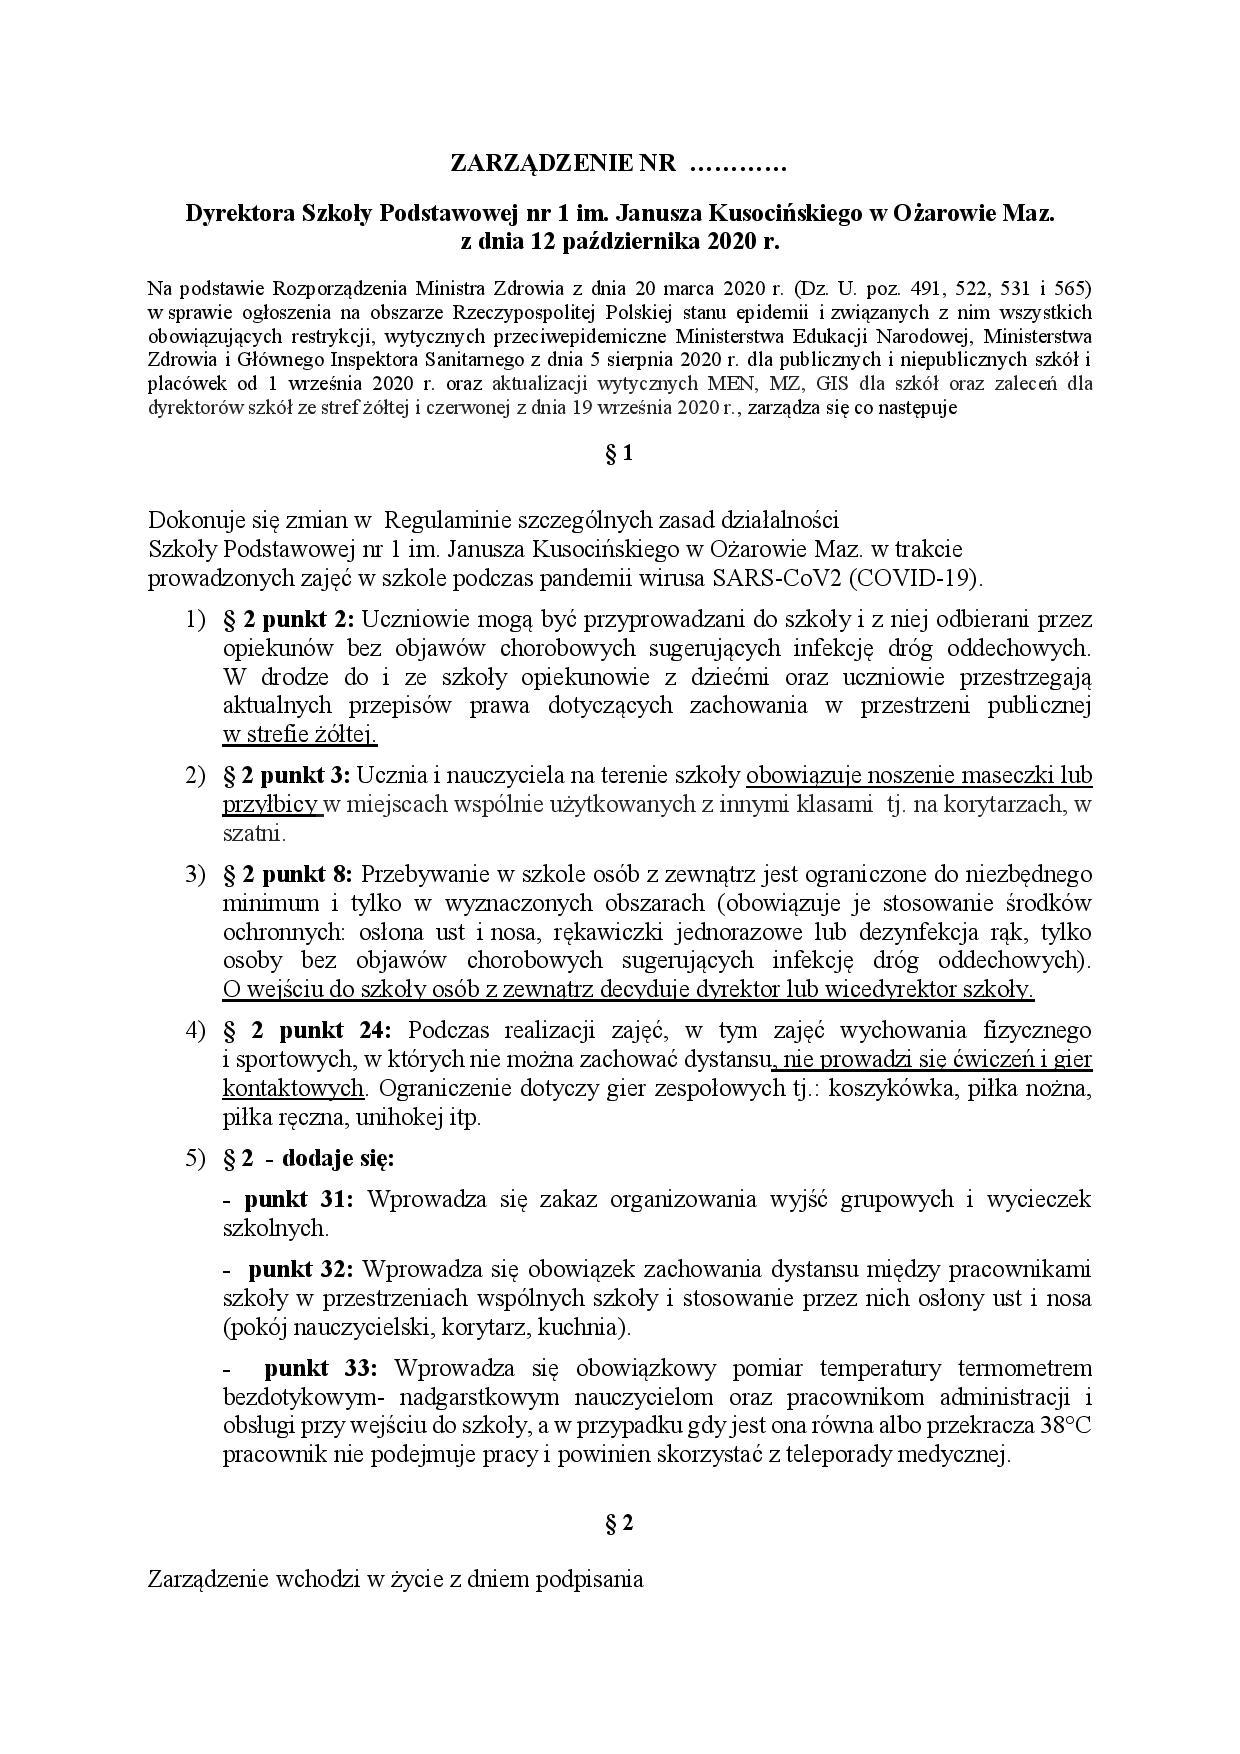 ZARZĄDZENIE NR   1-page-001